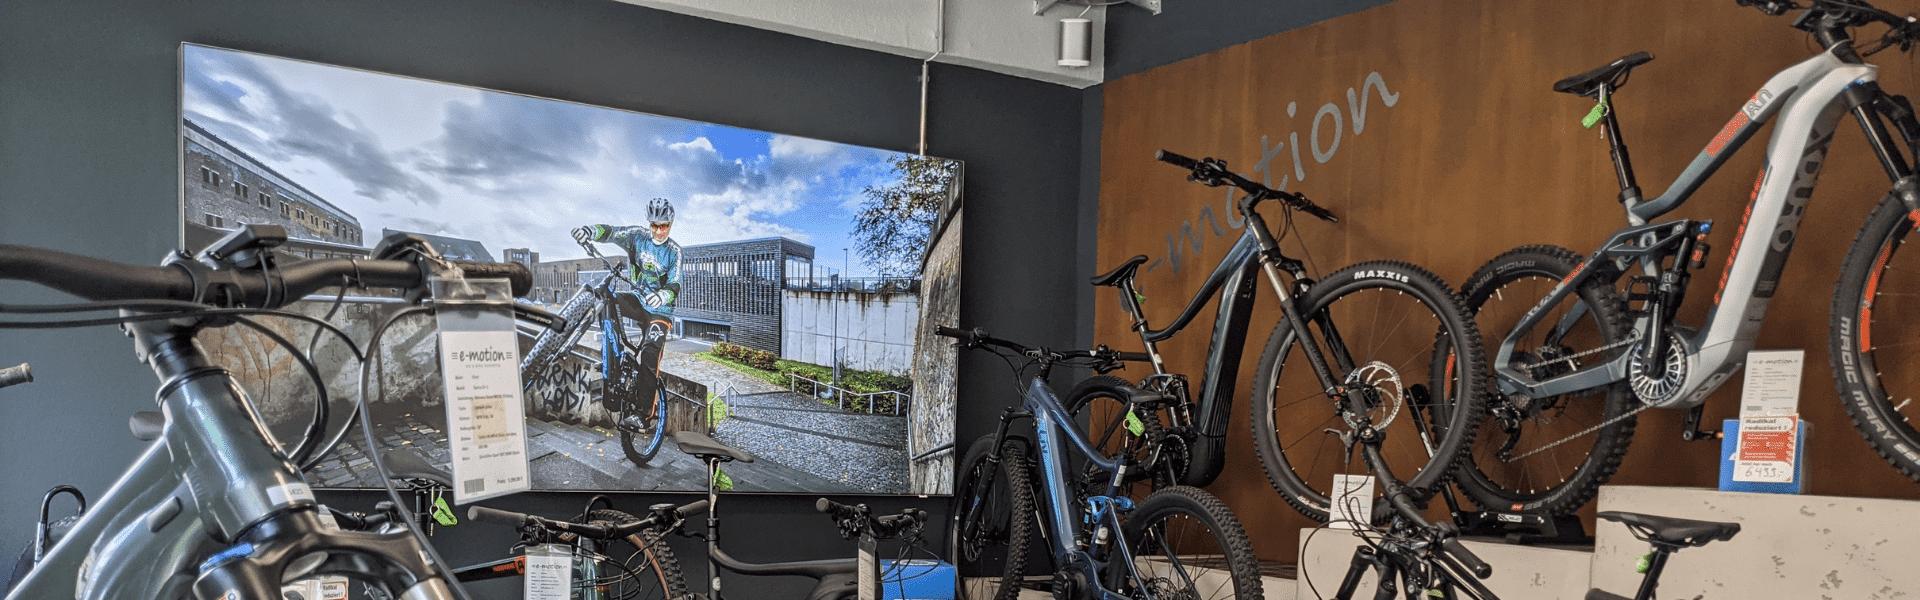 verschiedene e-Mountainbikes mit Nahaufnahme vom Vorderrad vor Leinwand 1920x600